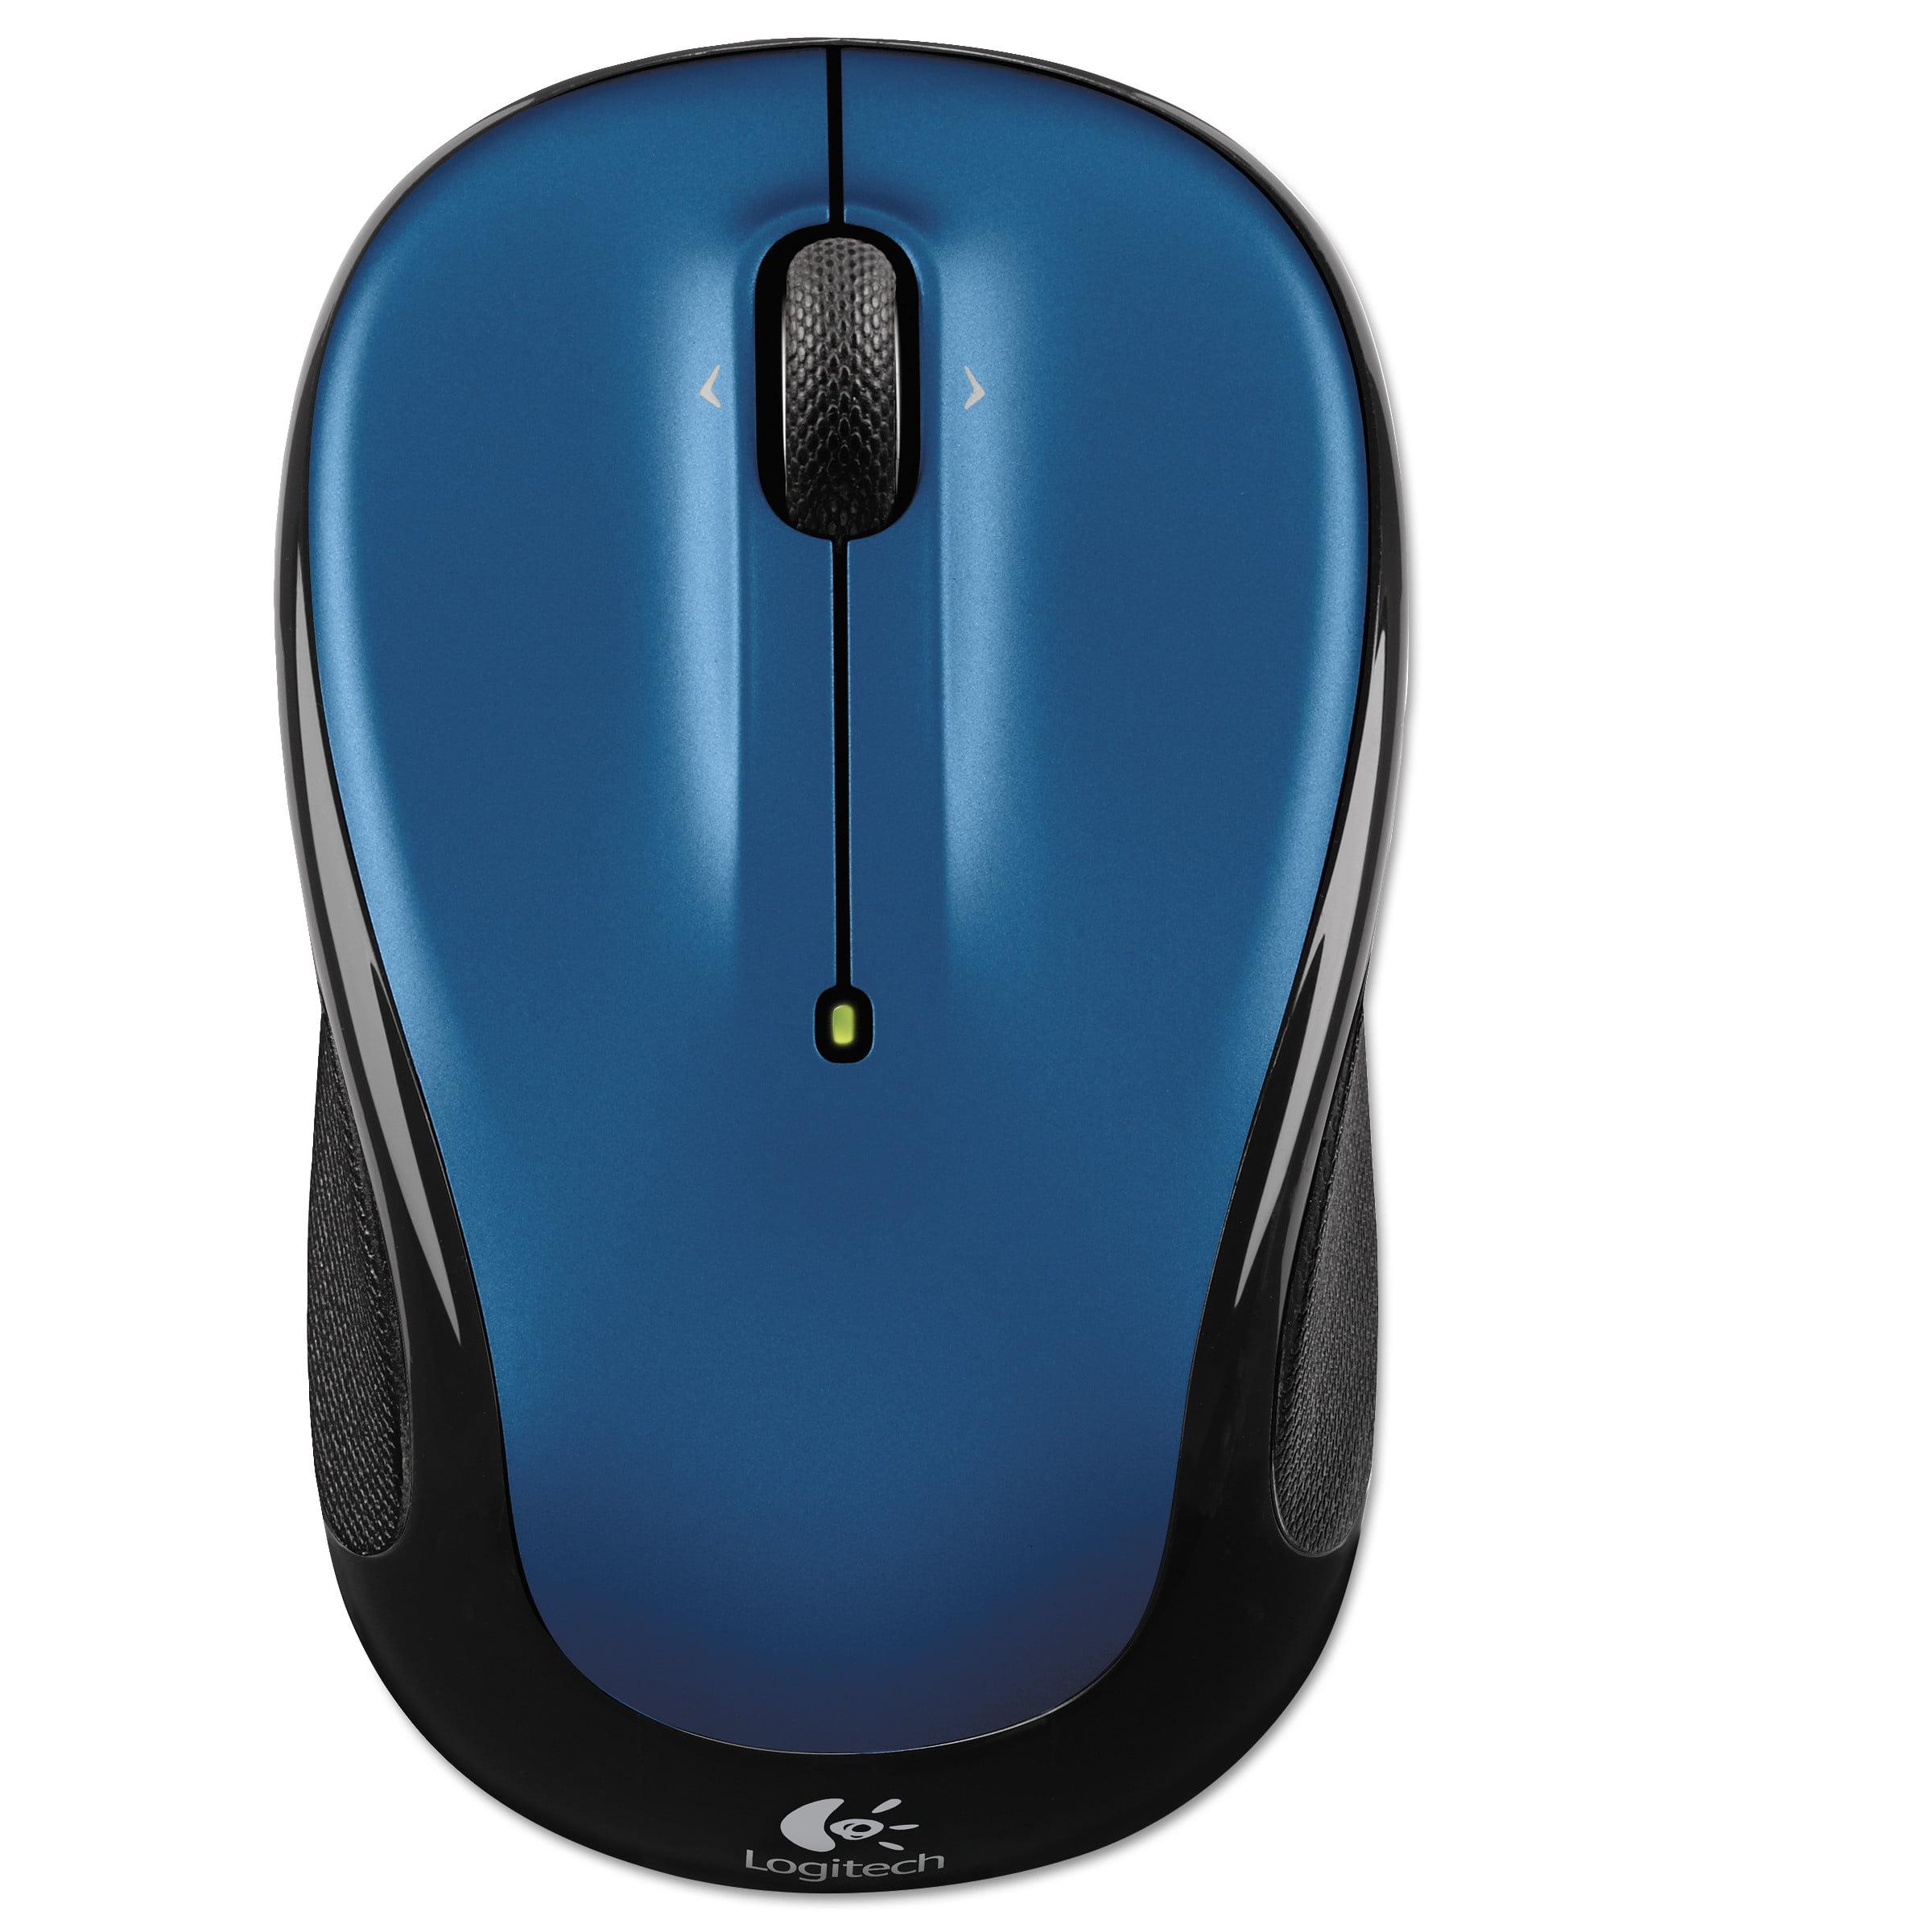 3a425ac5d81 Logitech Wireless Mouse M325 - Walmart.com